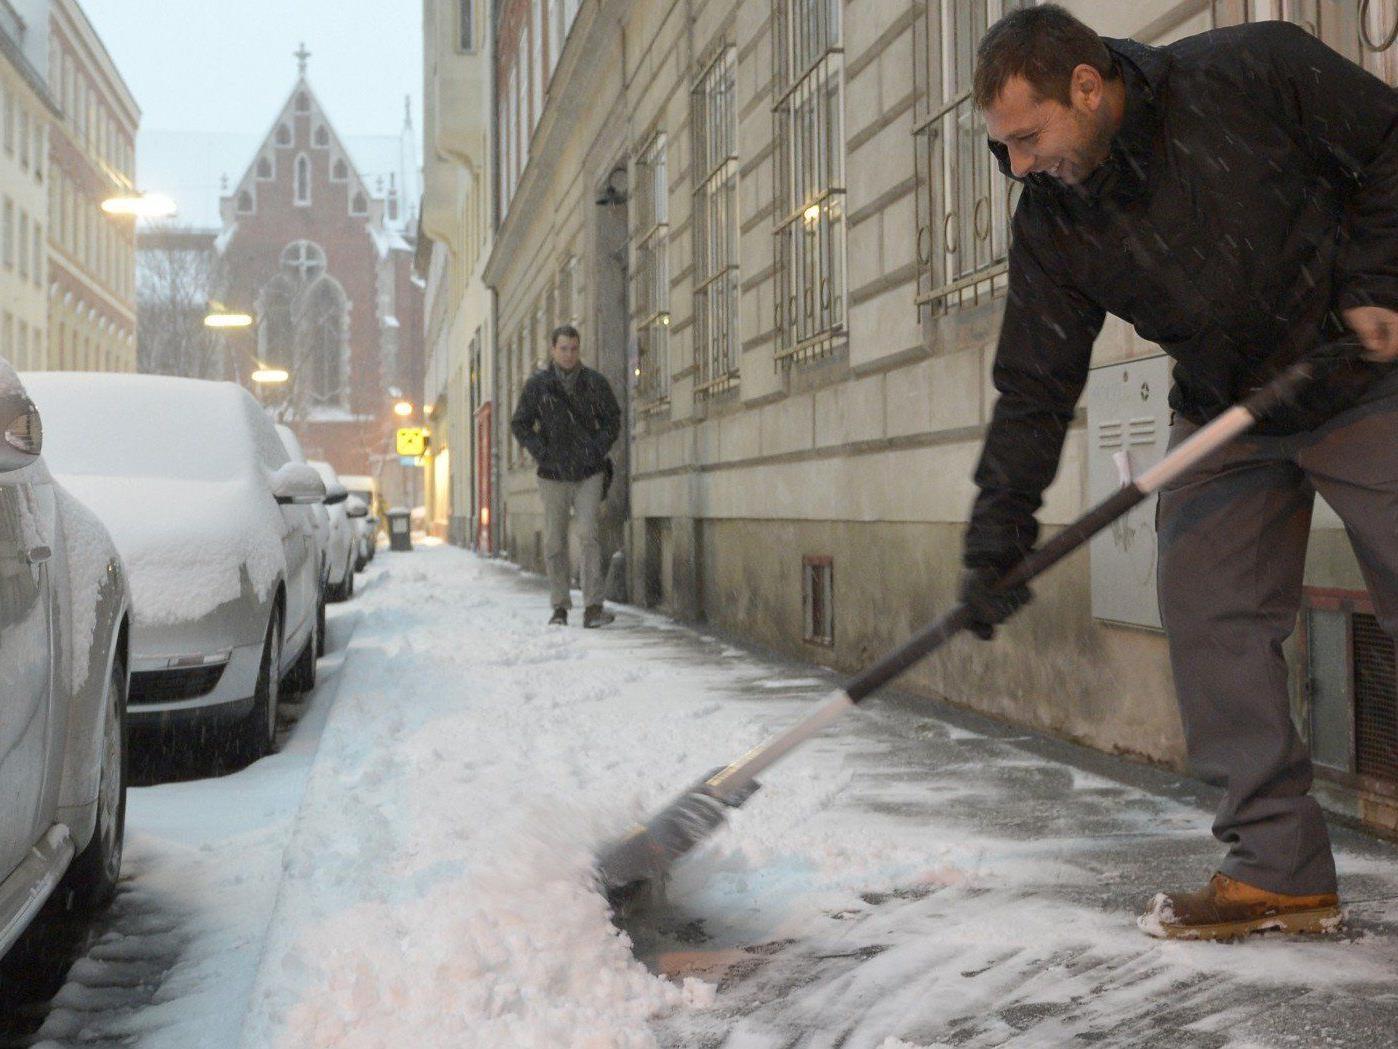 Hauseigentümer sind zur Räumung des Gehsteiges bei Schneefall verpflichtet.